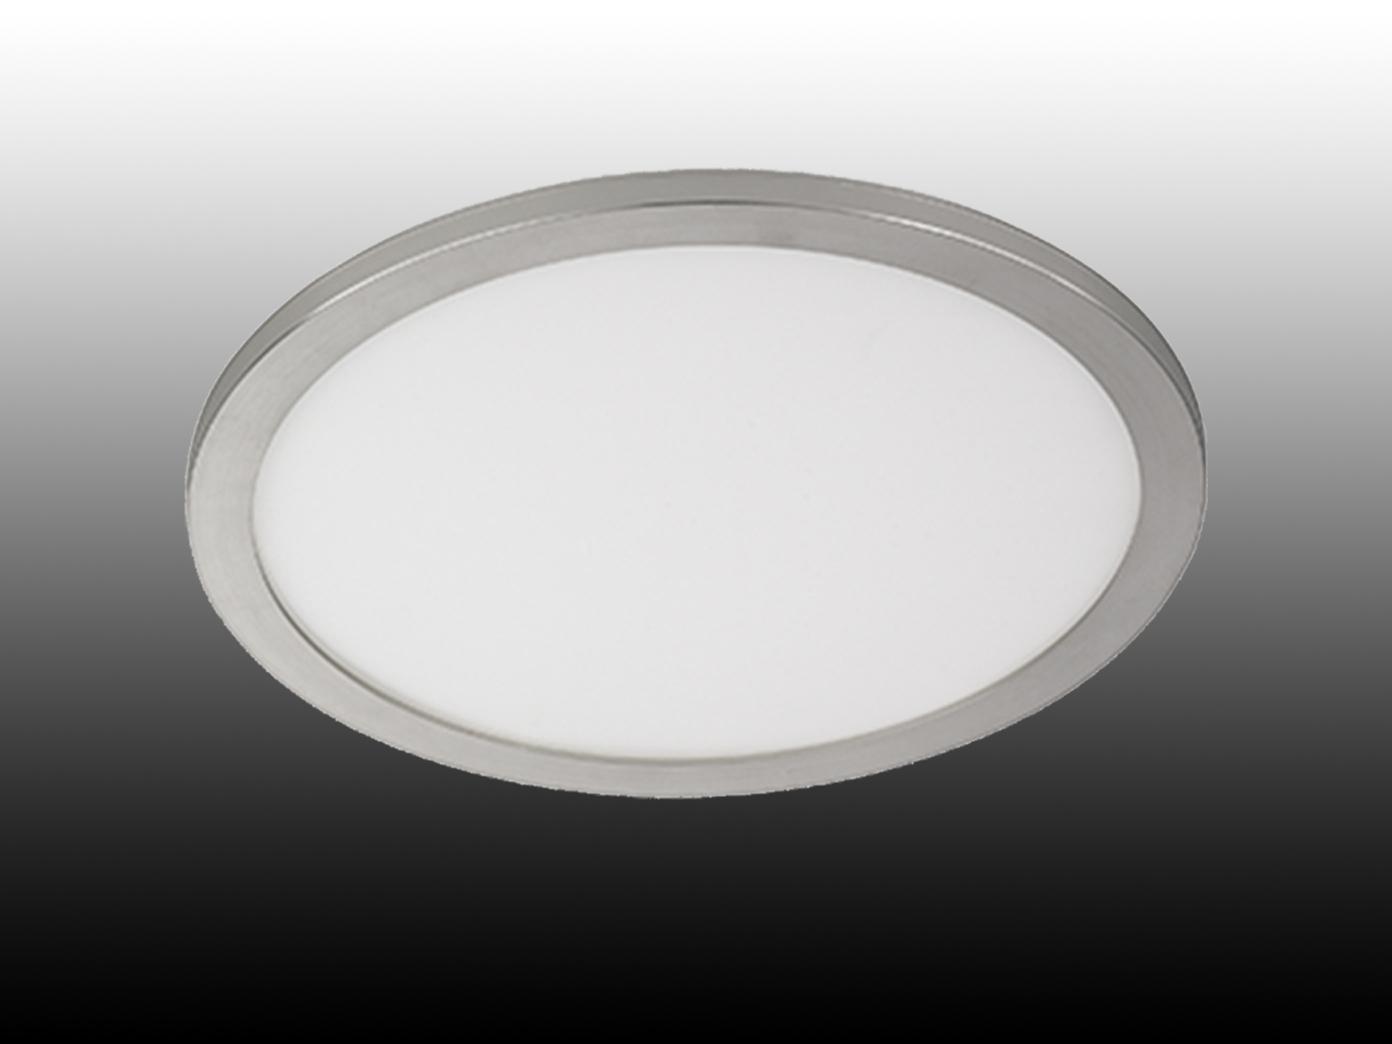 Dimm dimm dimm bare led lampada da soffitto in vetro acrilico